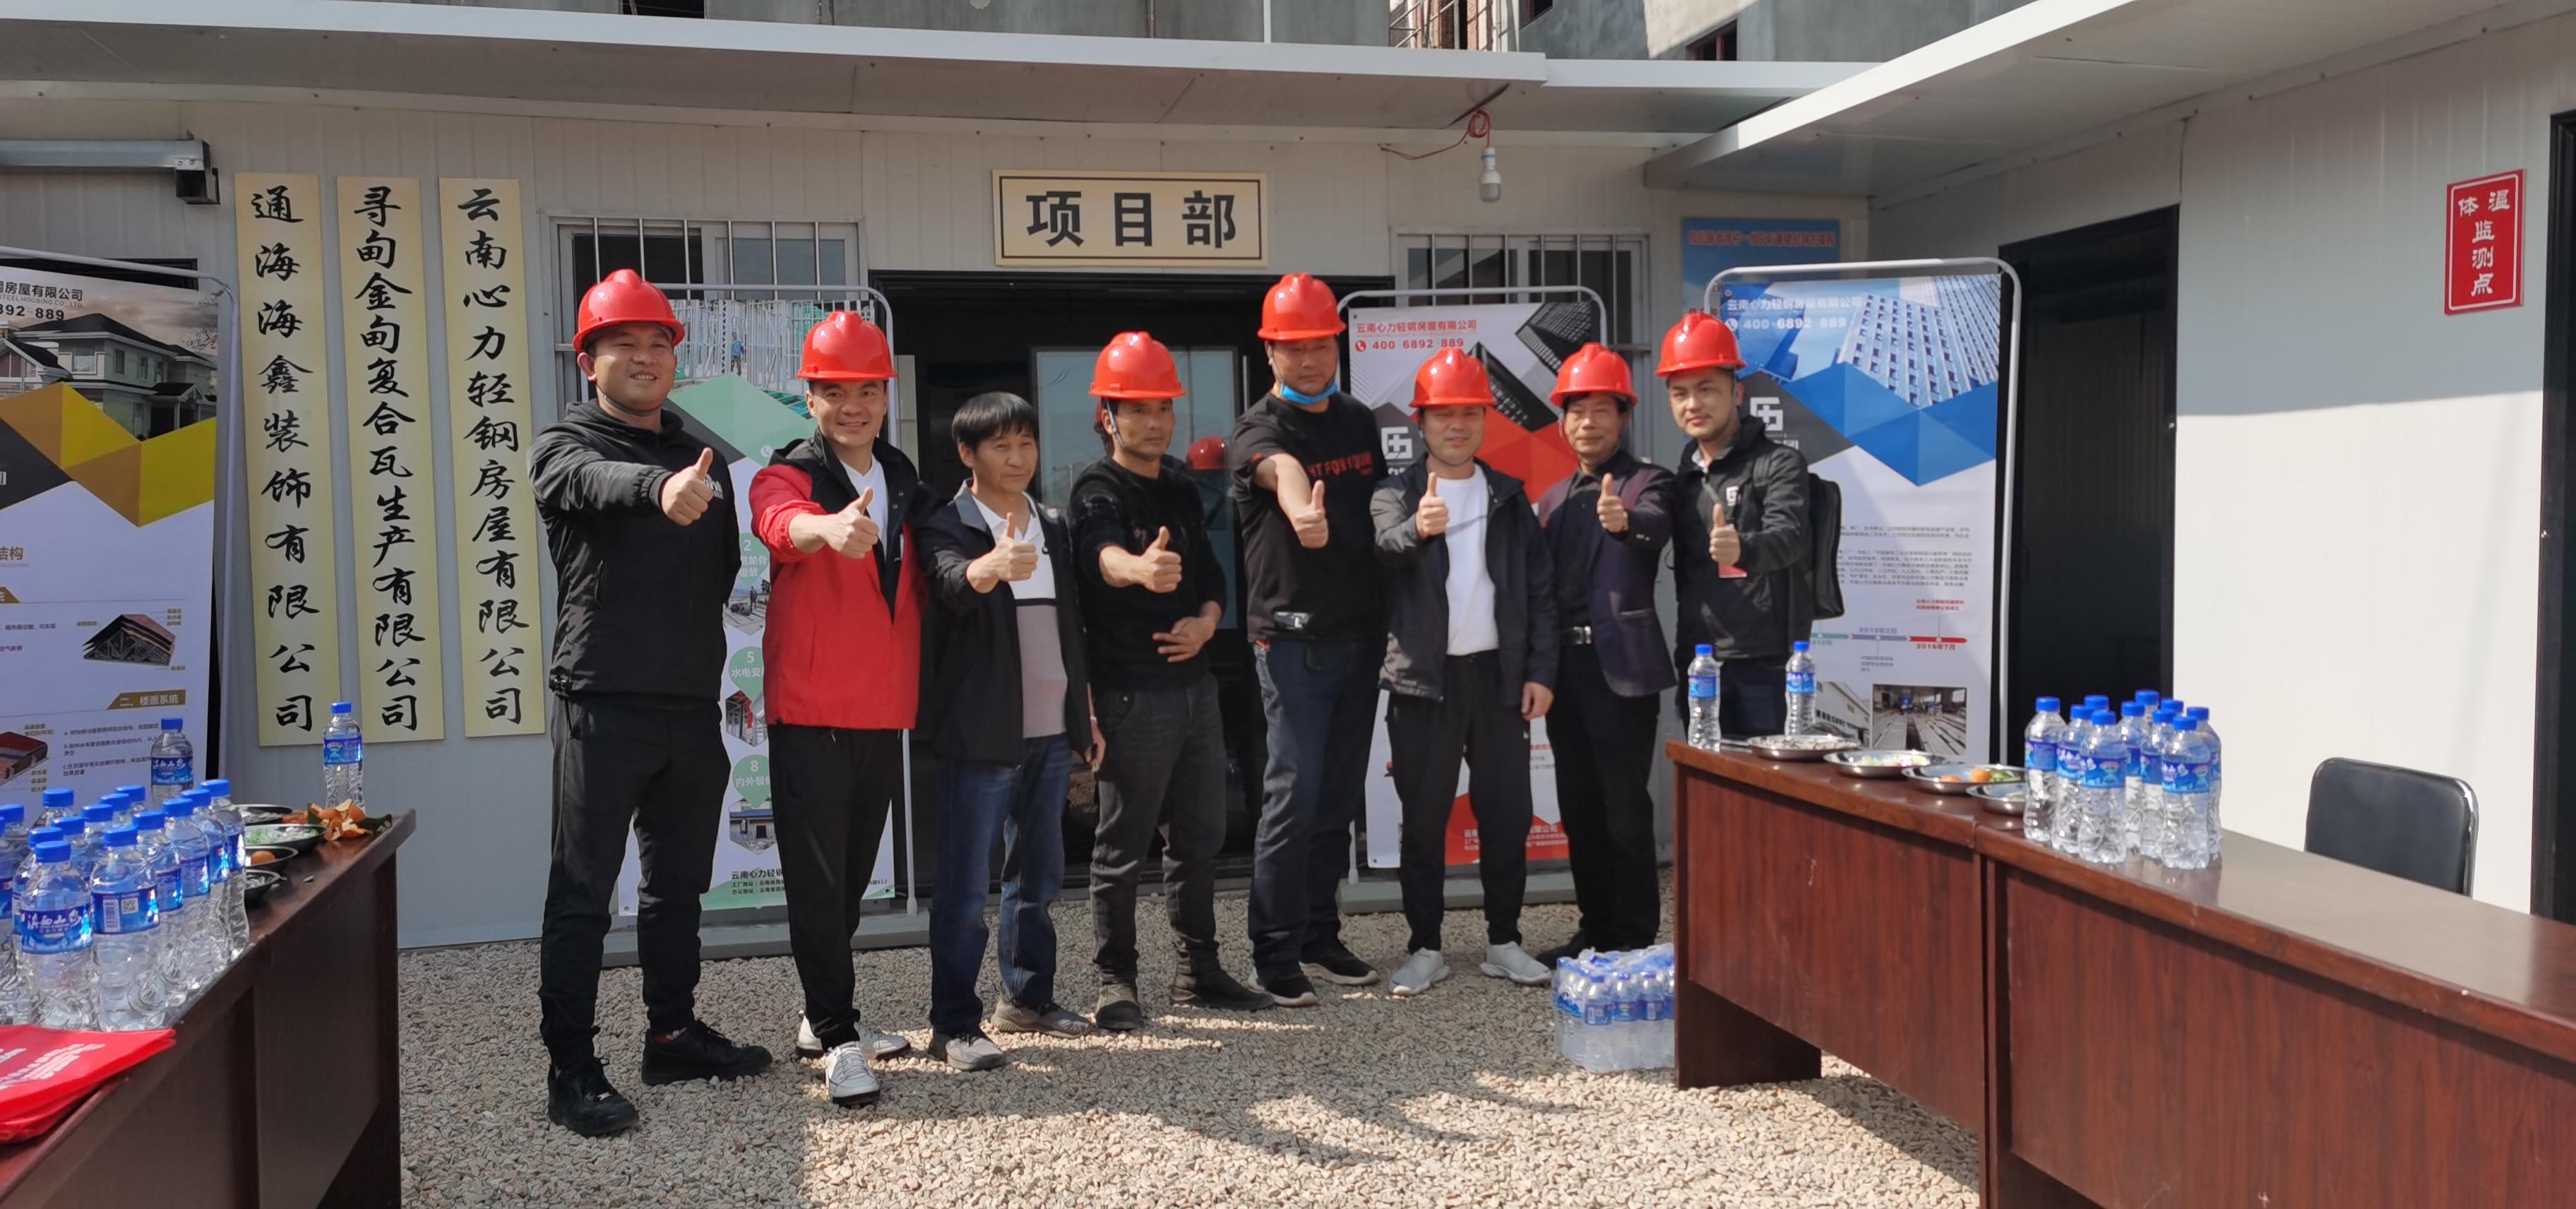 心力集团杨总、赵总、刘总一行与该项目负责人丁总、海总、吴总合影